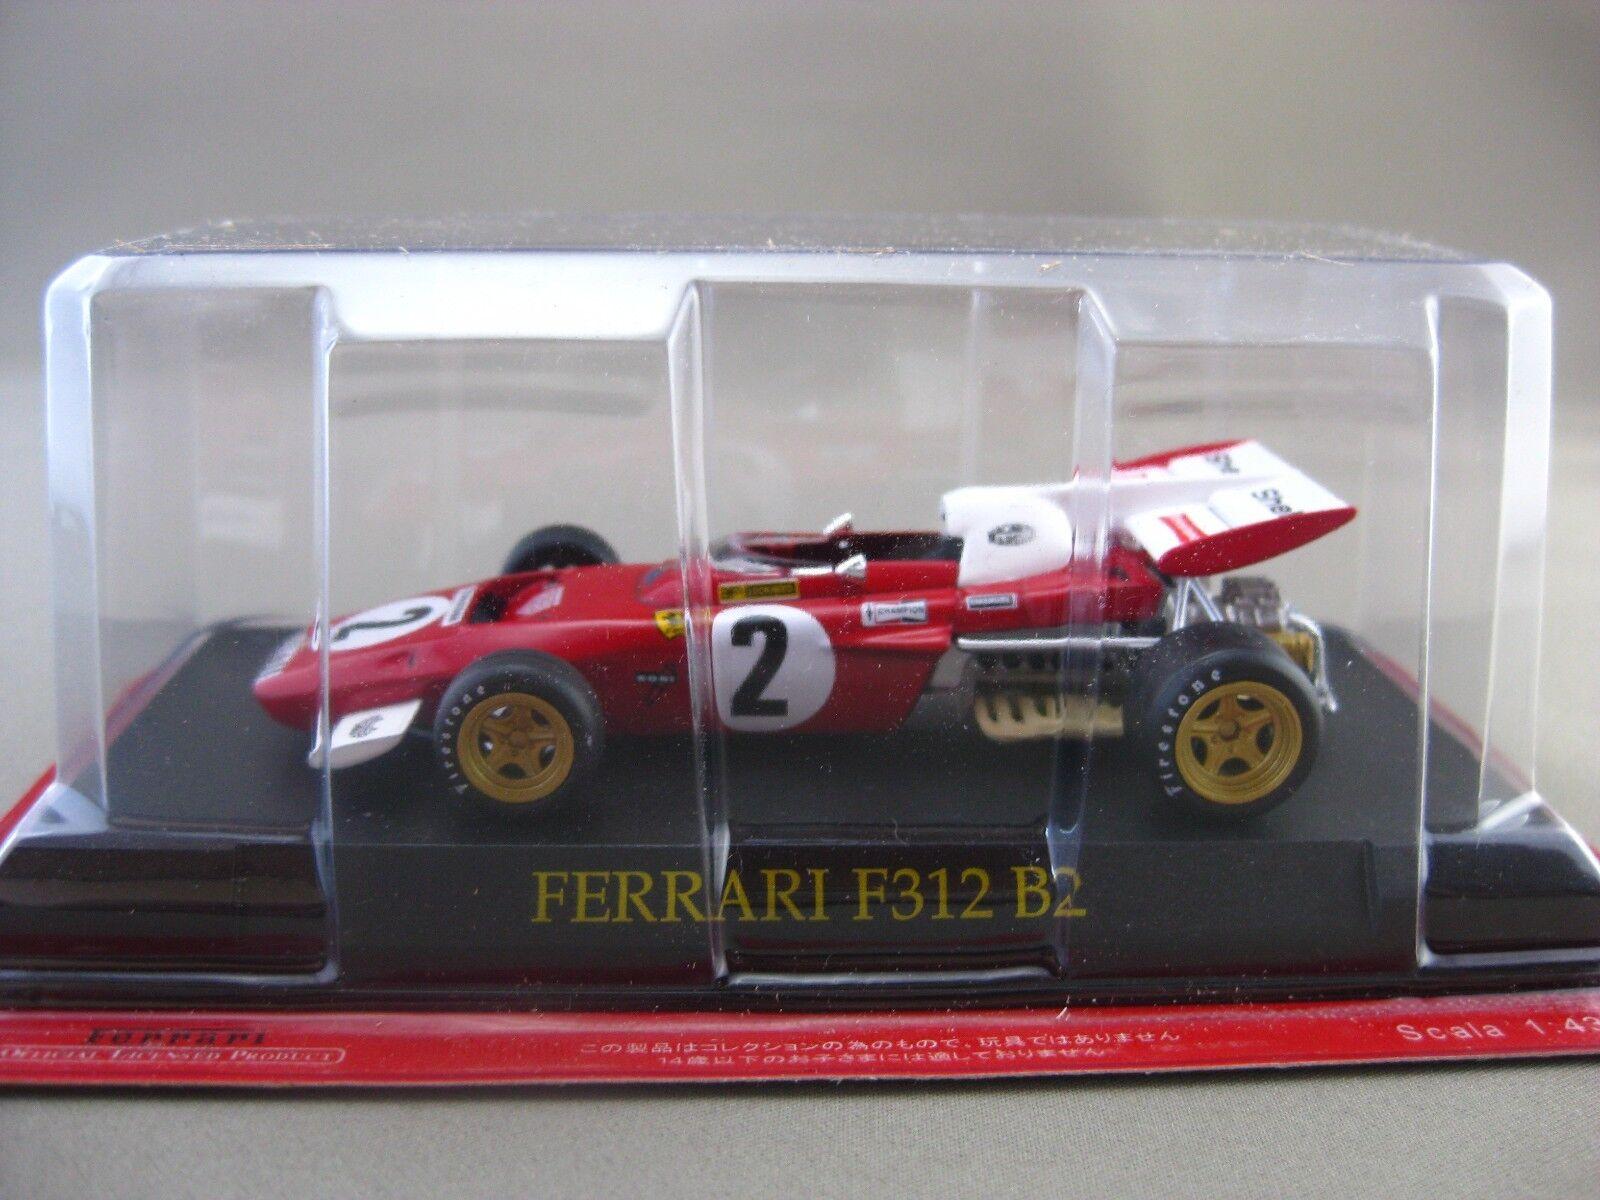 Ferrari 312 B 2 hachette 1:43 Diecast car Vol.39